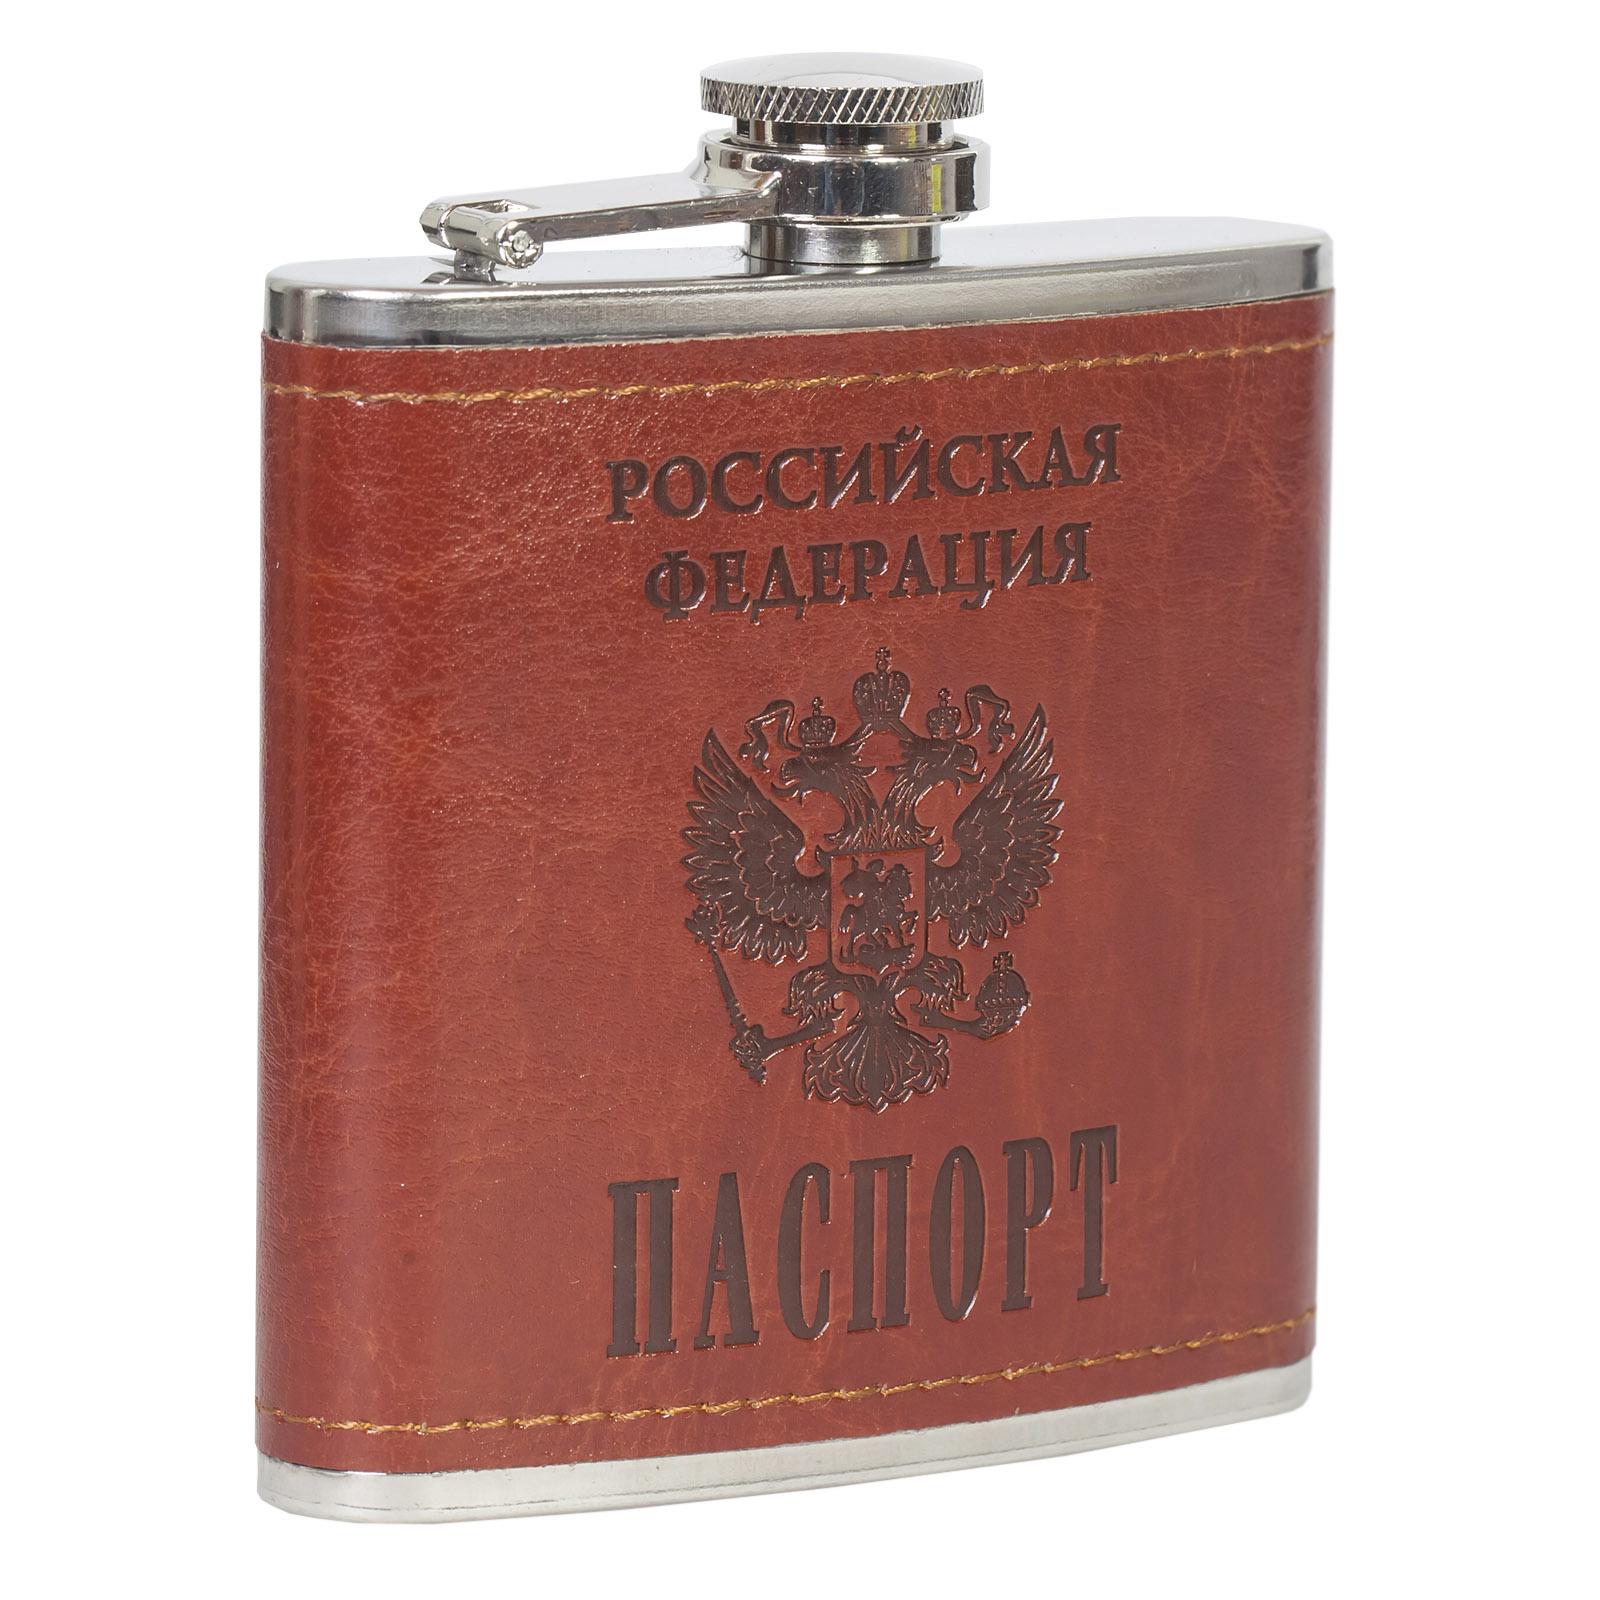 Необычная фляжка в паспортной обложке гражданина РФ.